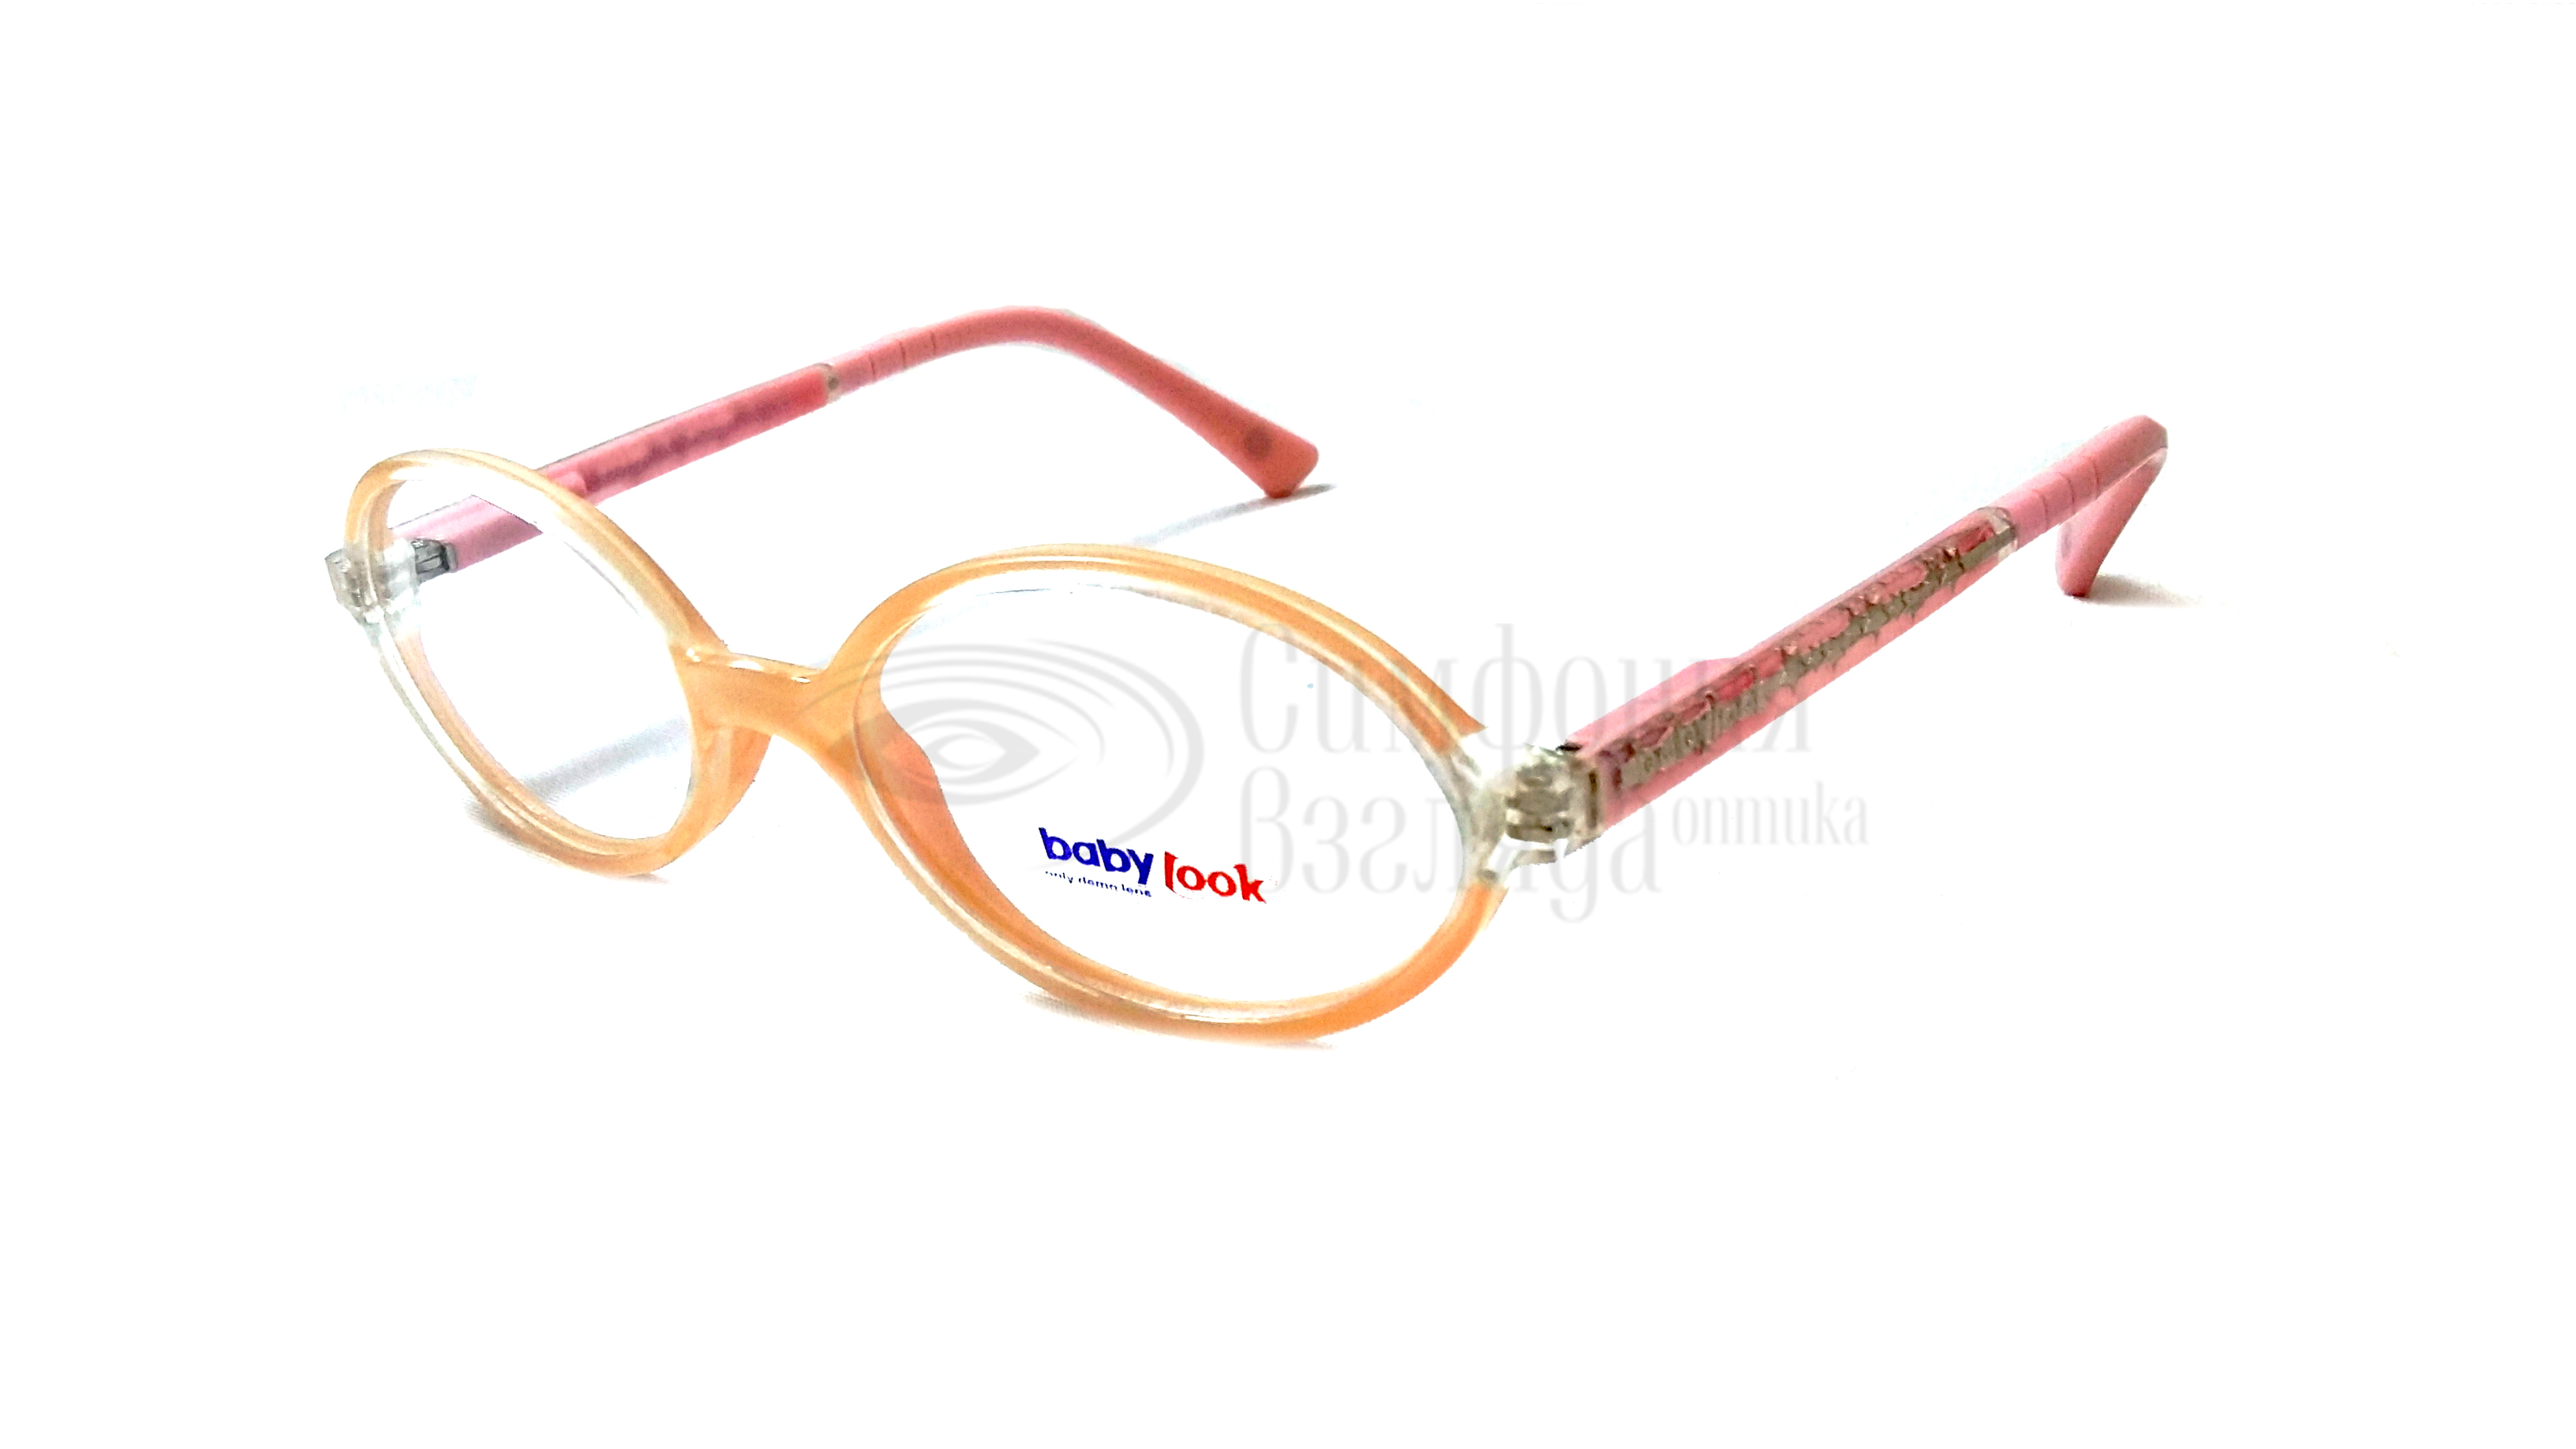 Купить очки гуглес к коптеру в орск колпак на камеру спарк оригинал от производителя